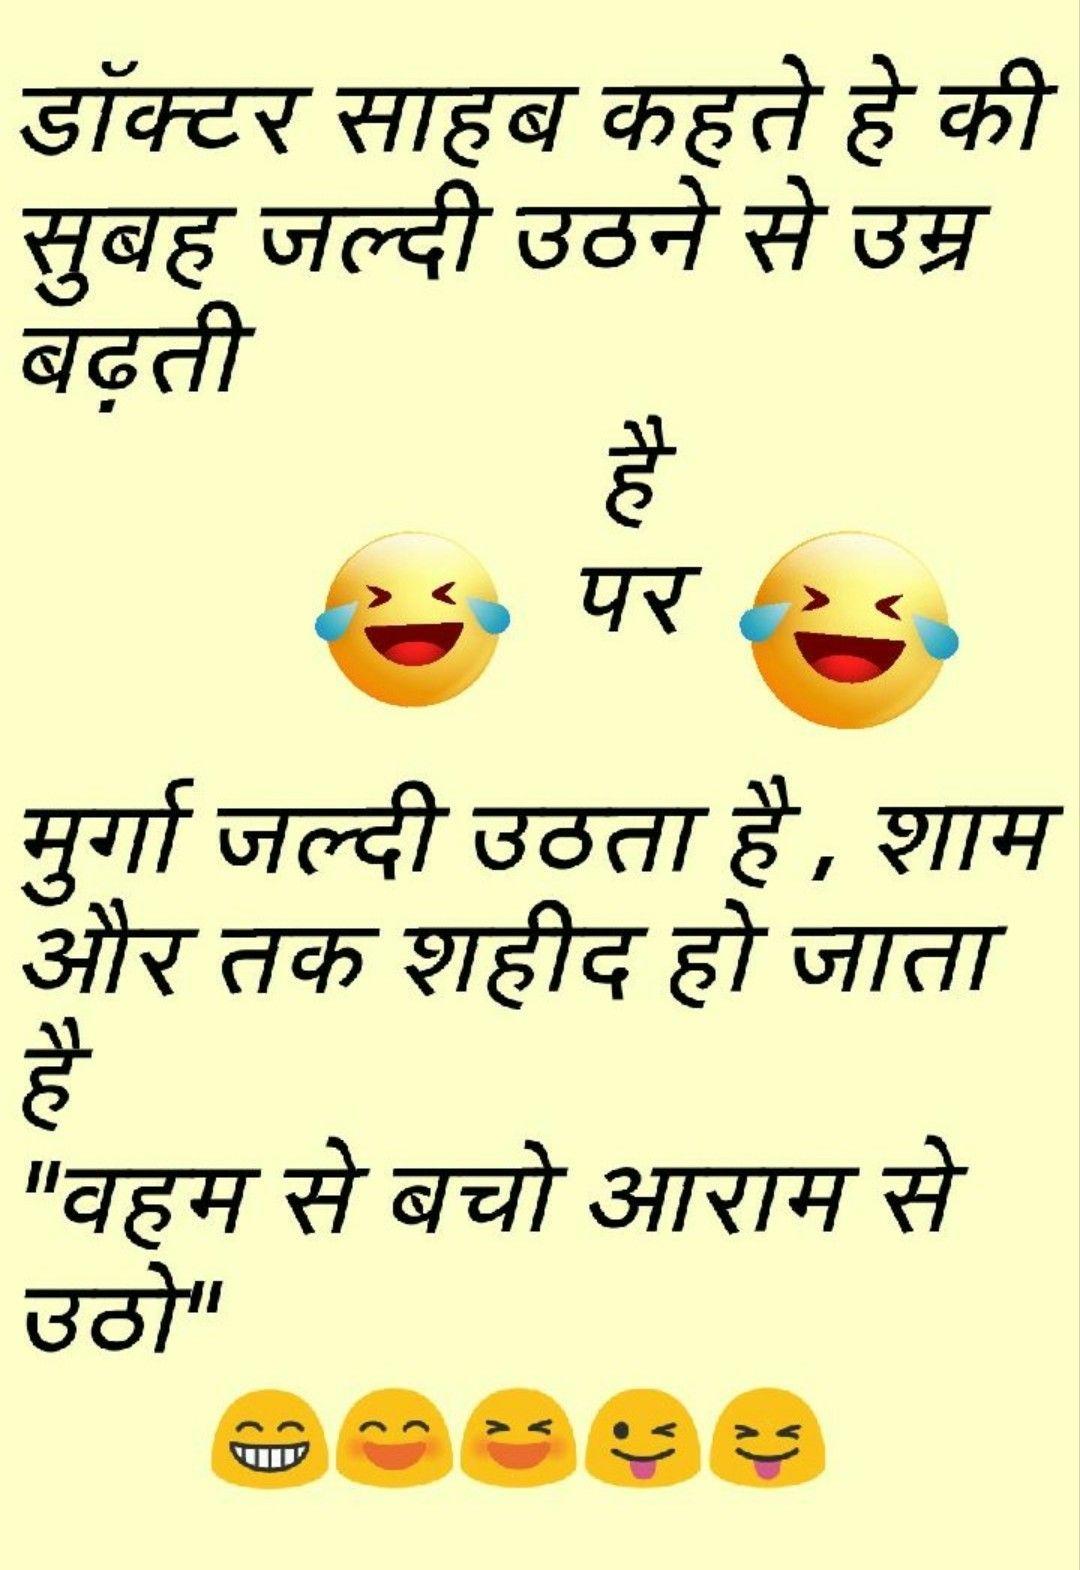 Hindi jokes (With images) Jokes, Jokes in hindi